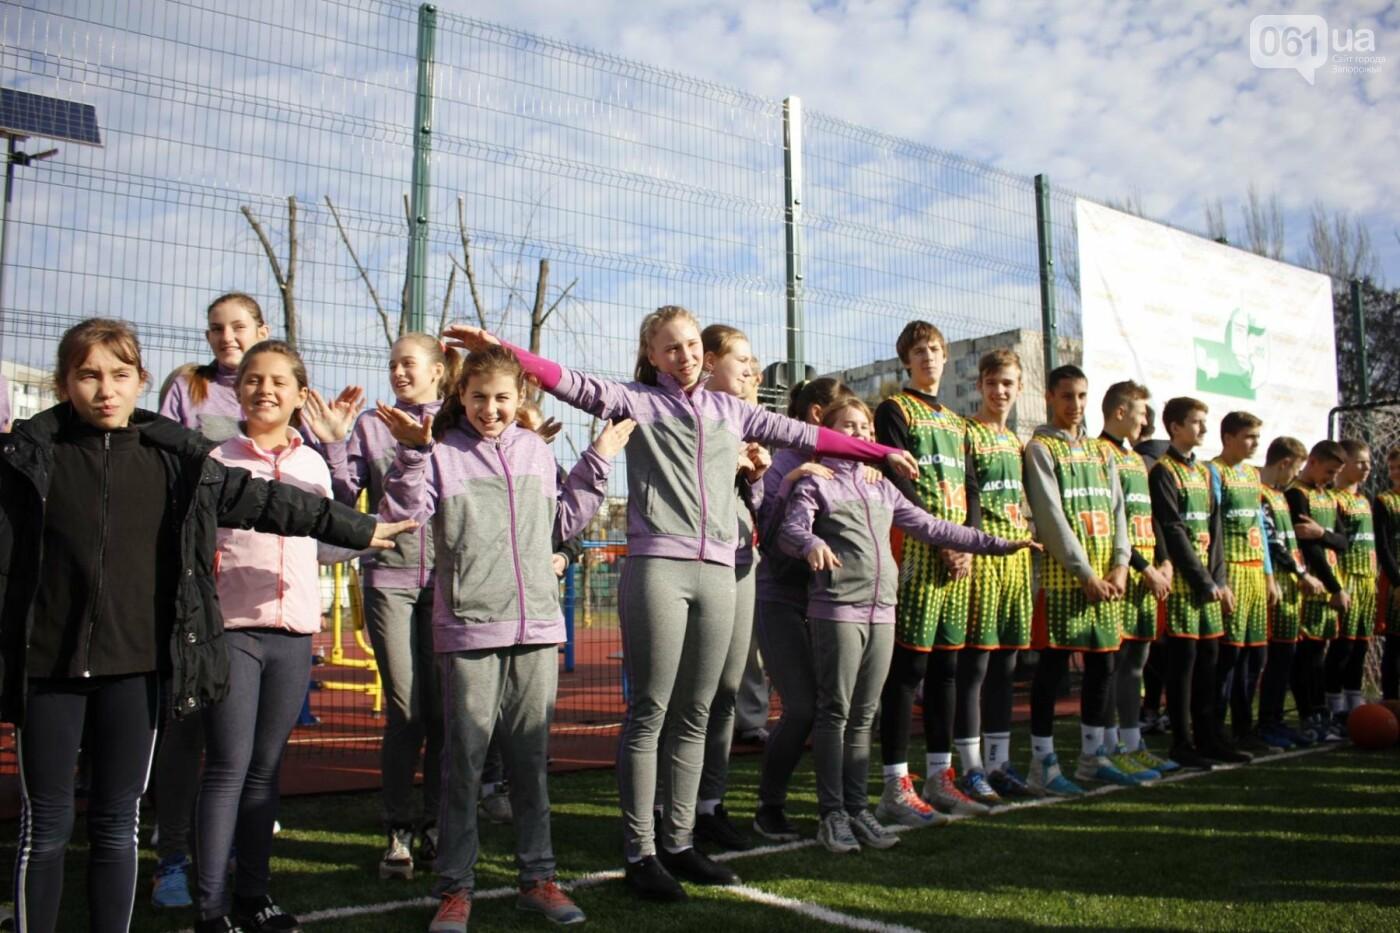 В Бородинском микрорайоне открыли школьный стадион: как это выглядит, - ФОТОРЕПОРТАЖ, фото-5